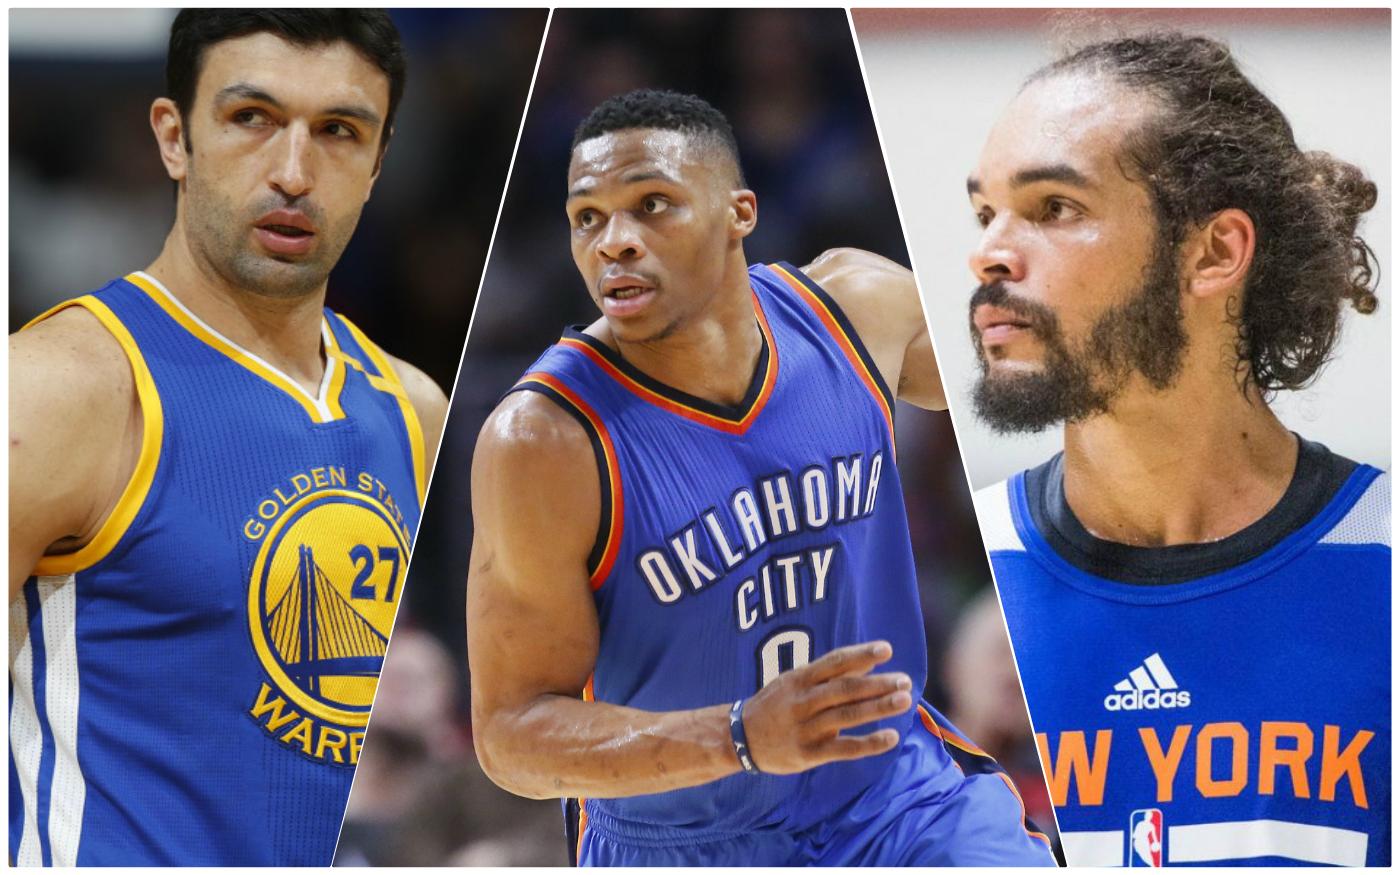 CQFR : Personne ne défend Westbrook, Noah serait-il un chat noir ?